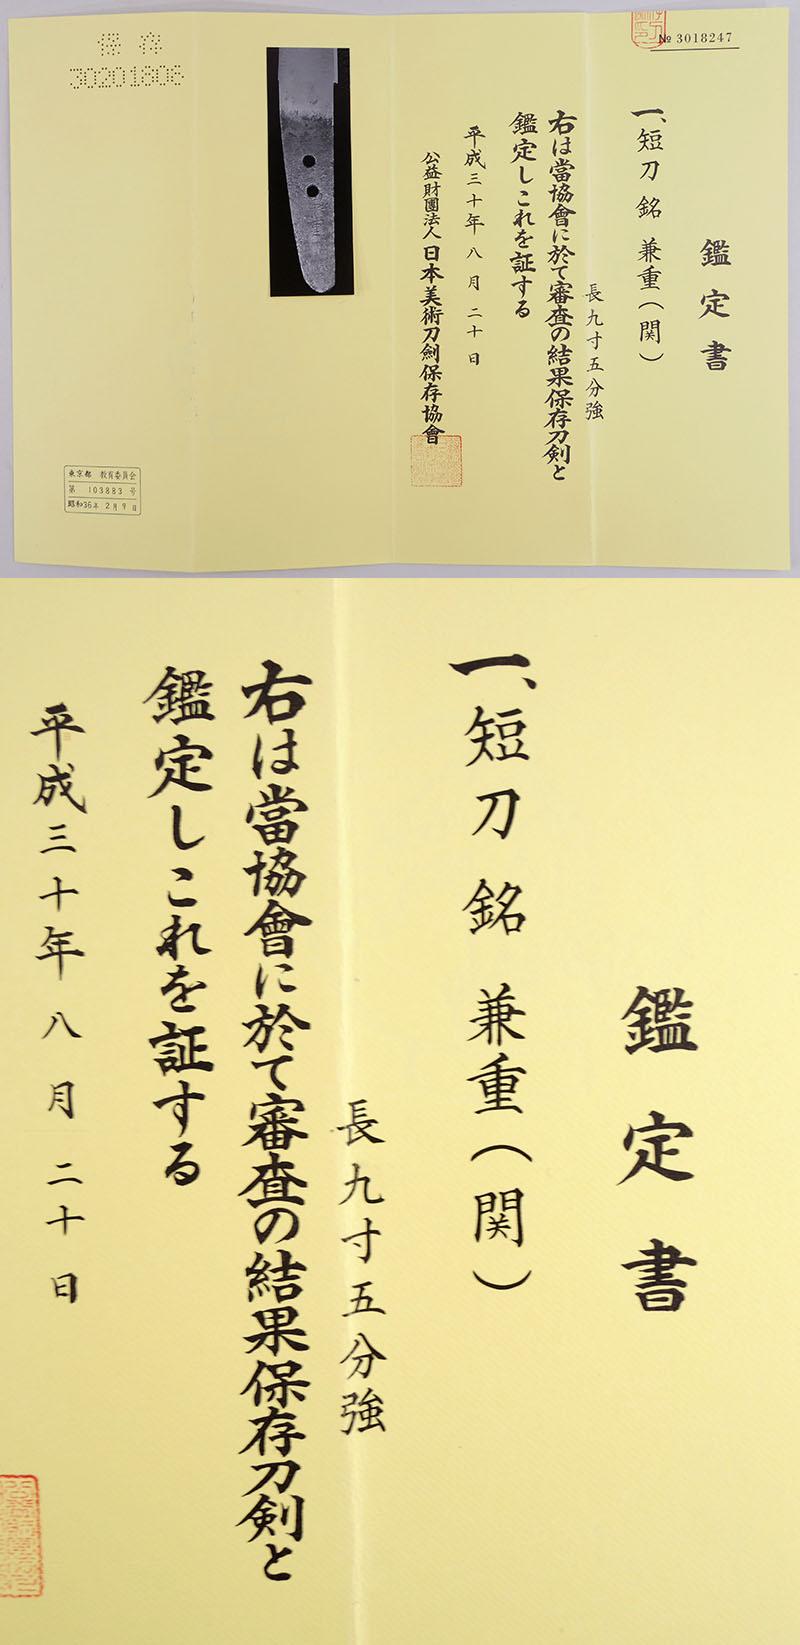 兼重(関) Picture of Certificate